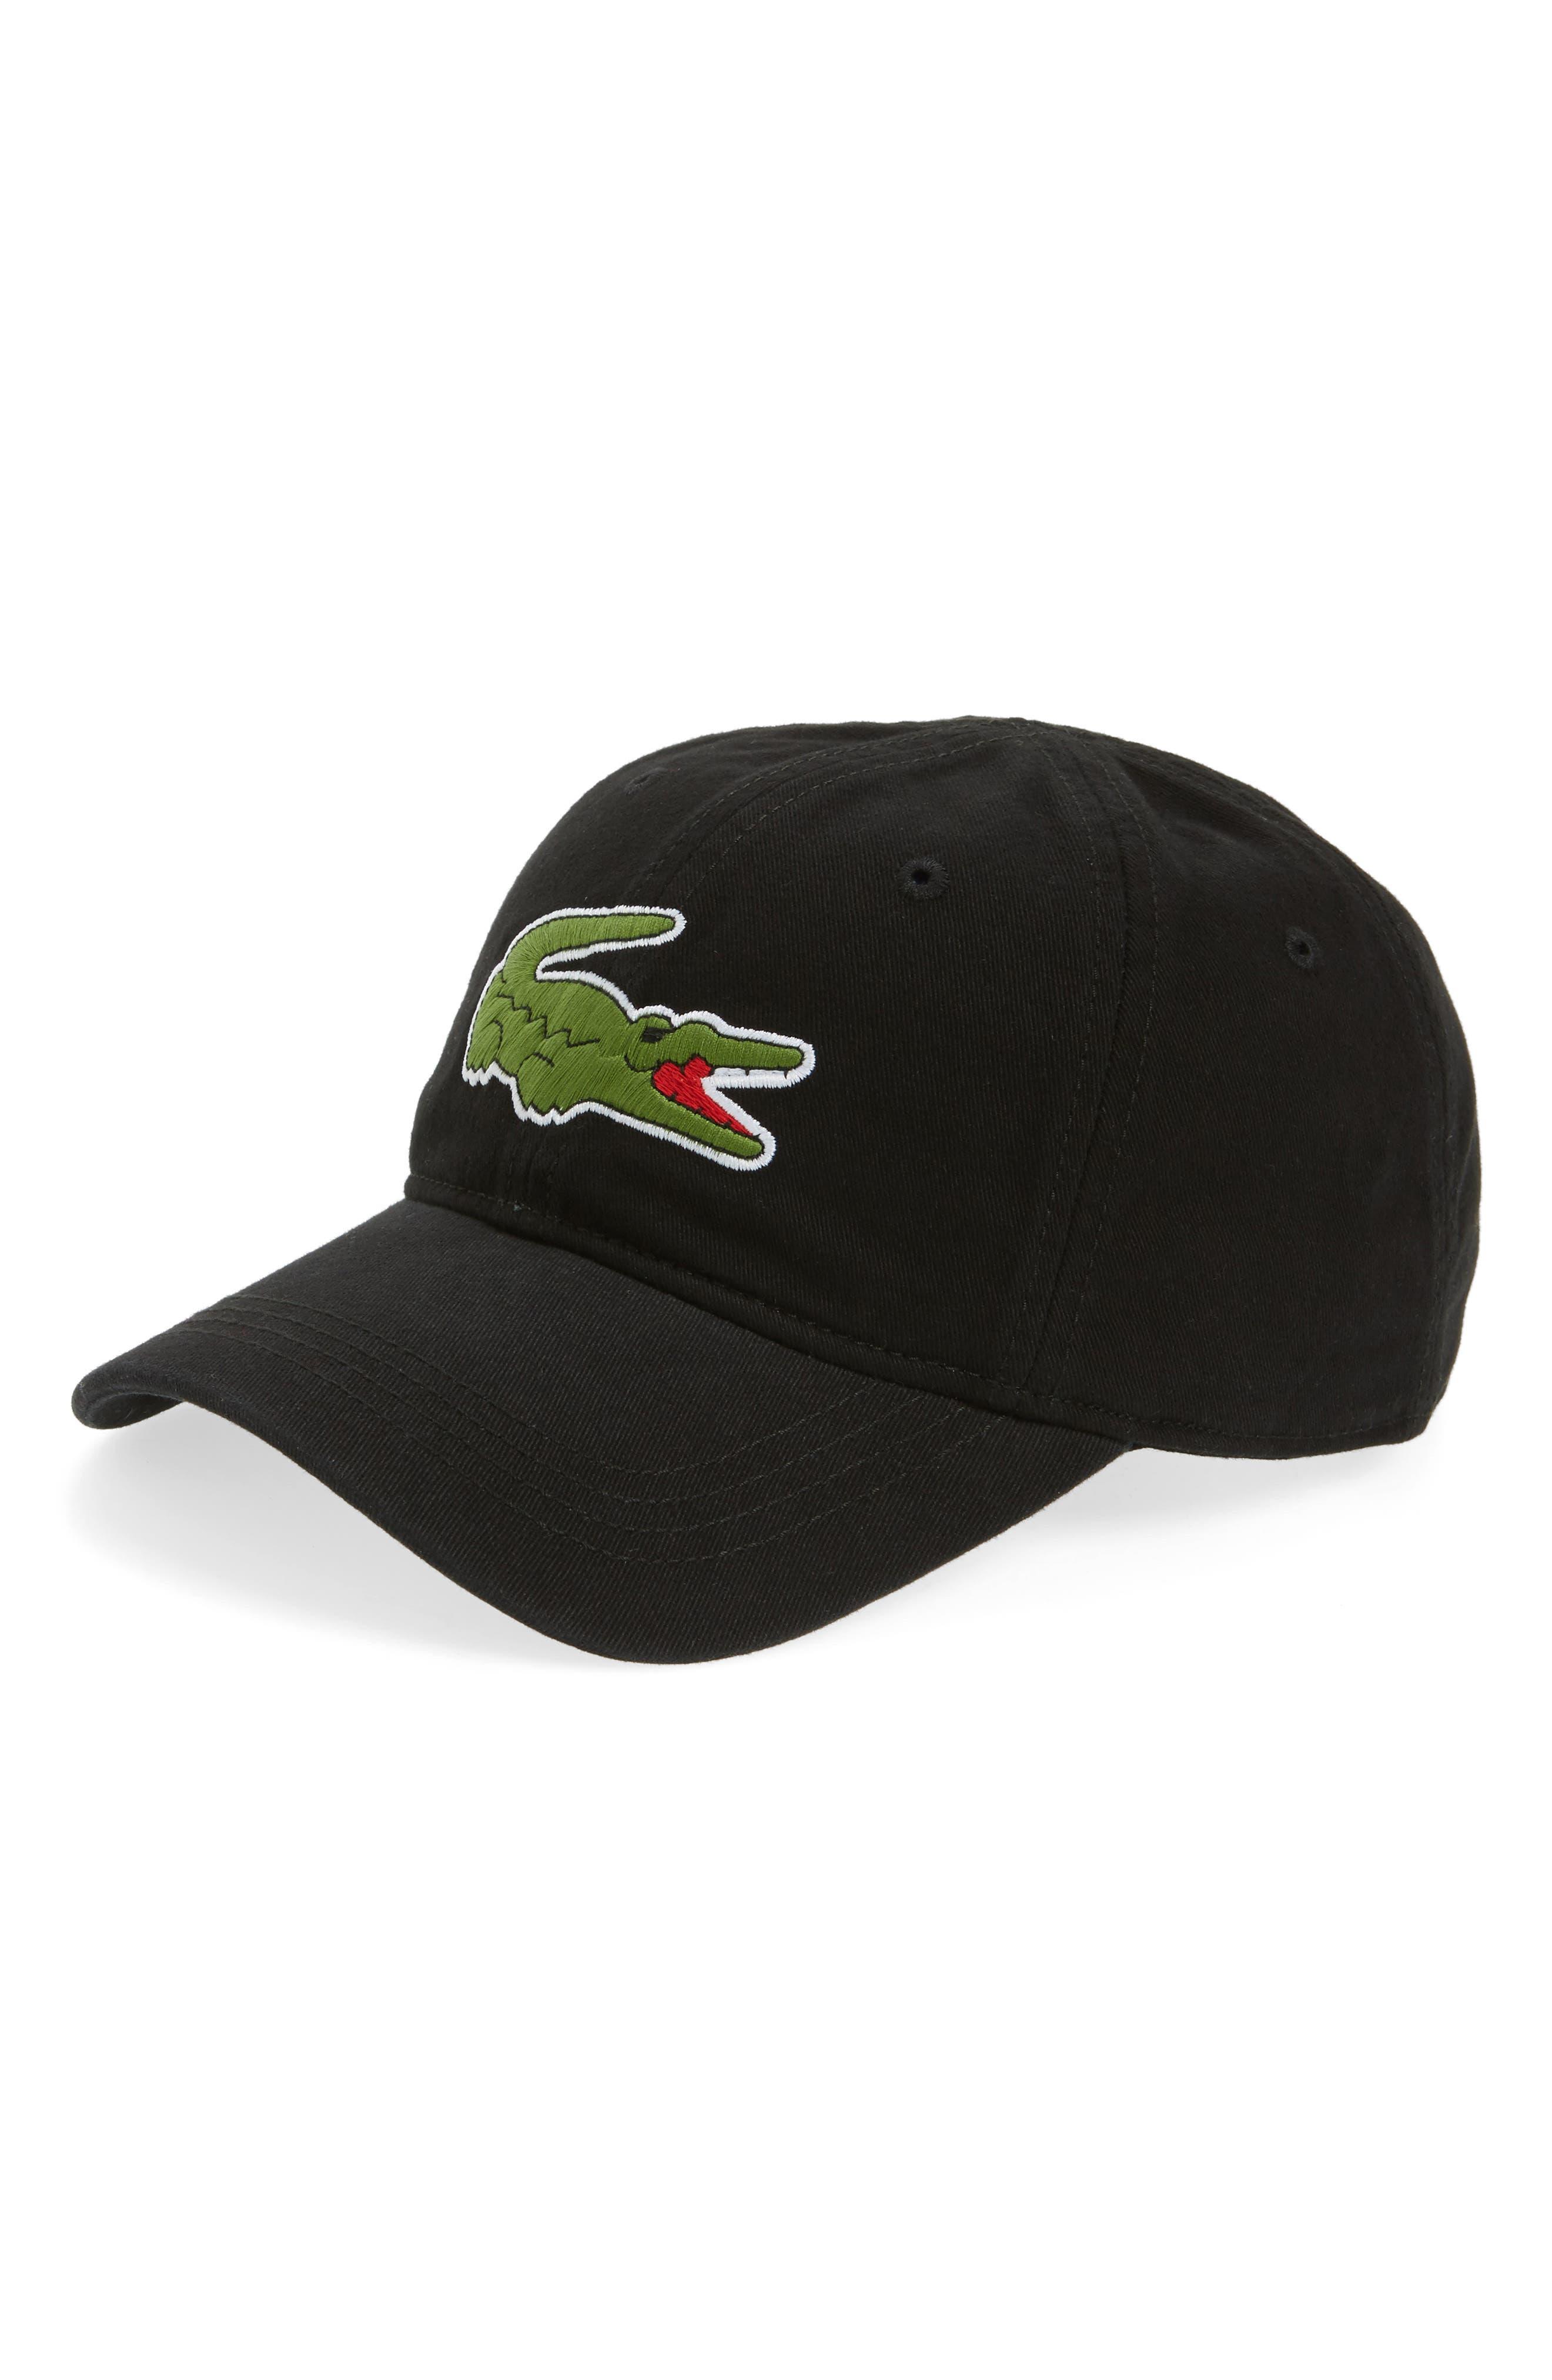 5f8a5786e1fc52 Men's Lacoste Hats, Hats for Men | Nordstrom